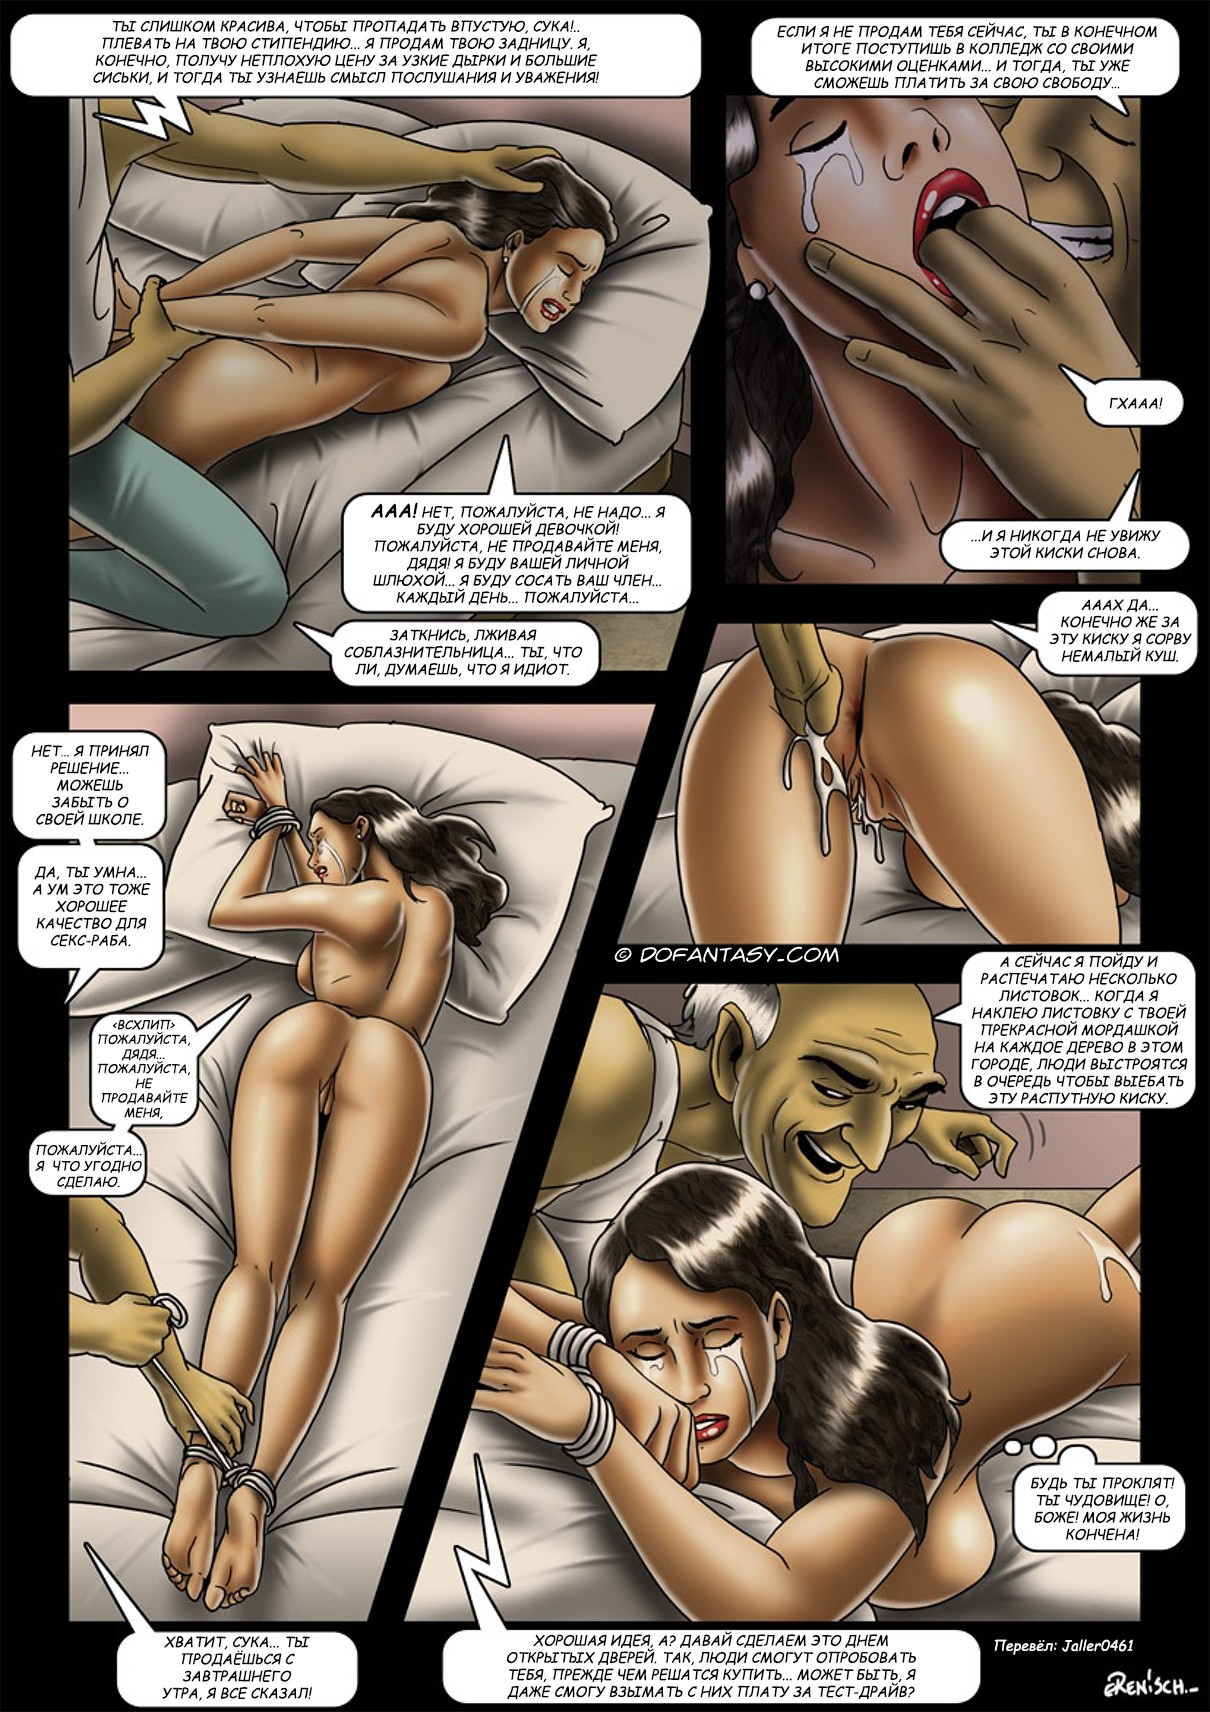 Жена порно рабыня истории  фотография